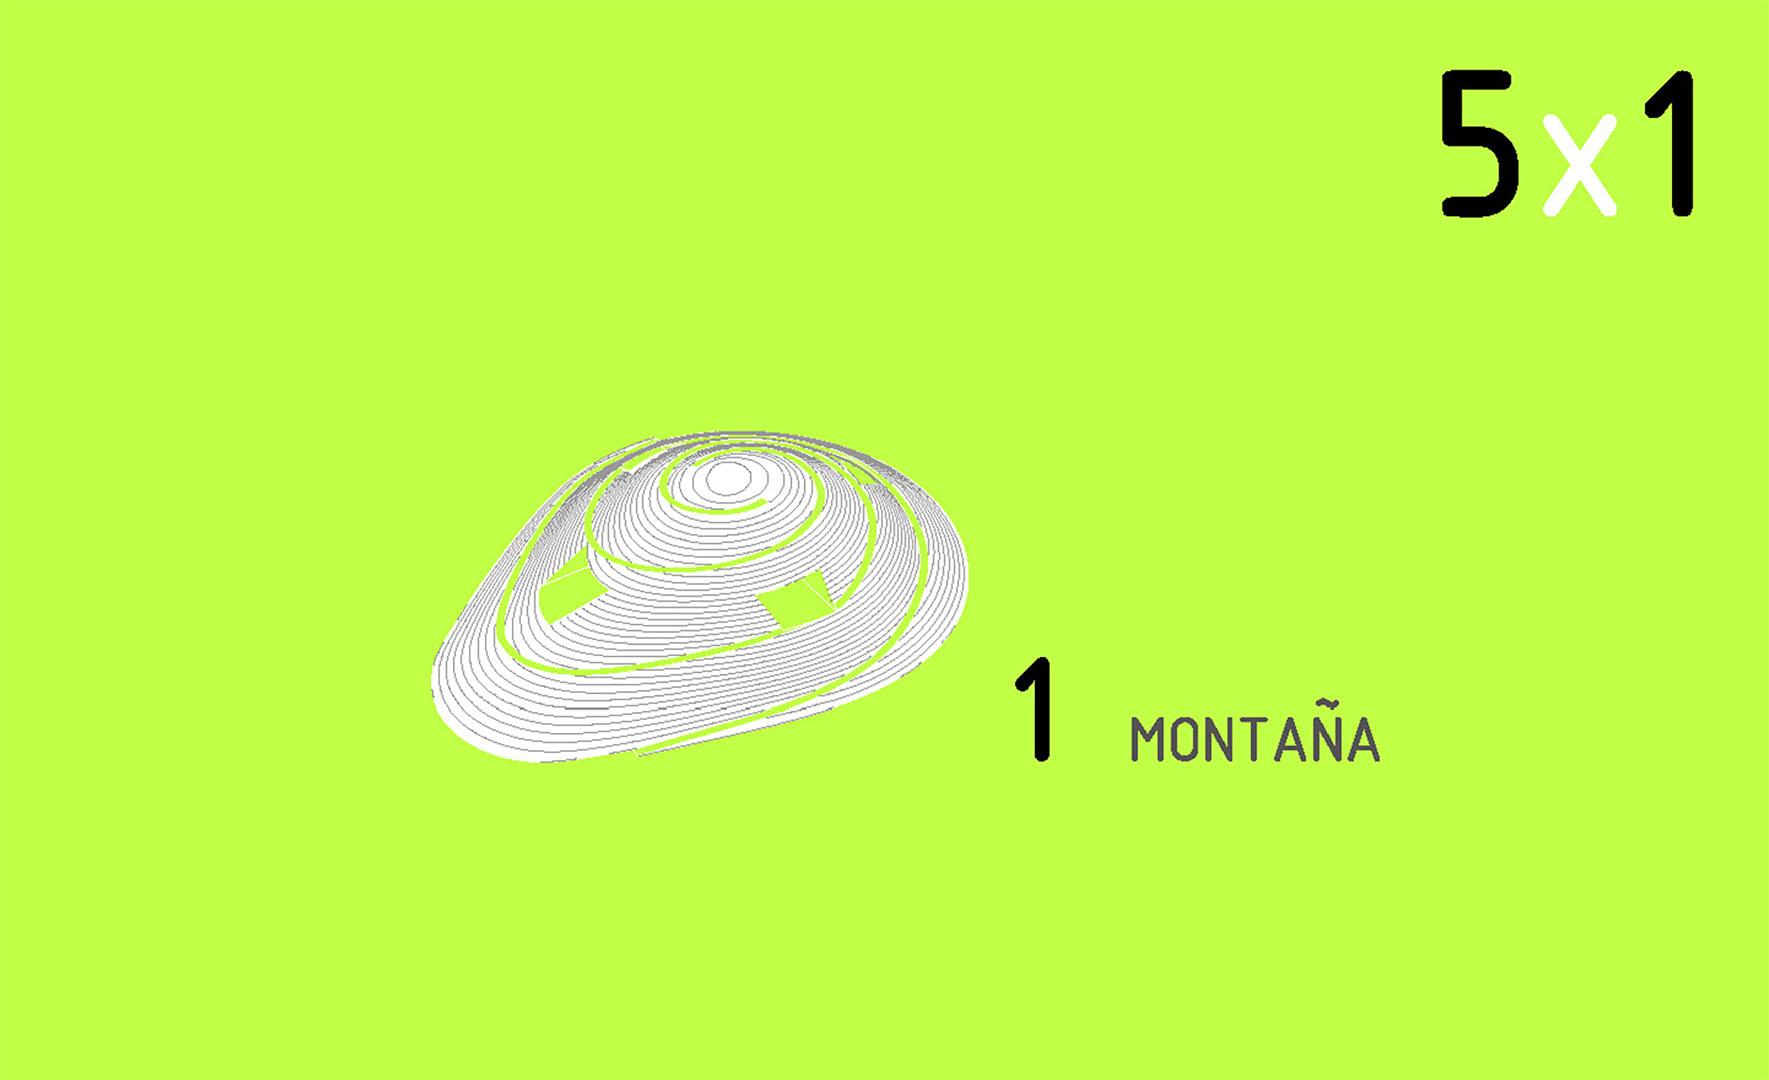 06 PLAYstudio_Mirador-Palmeral-Elche-5en1-1